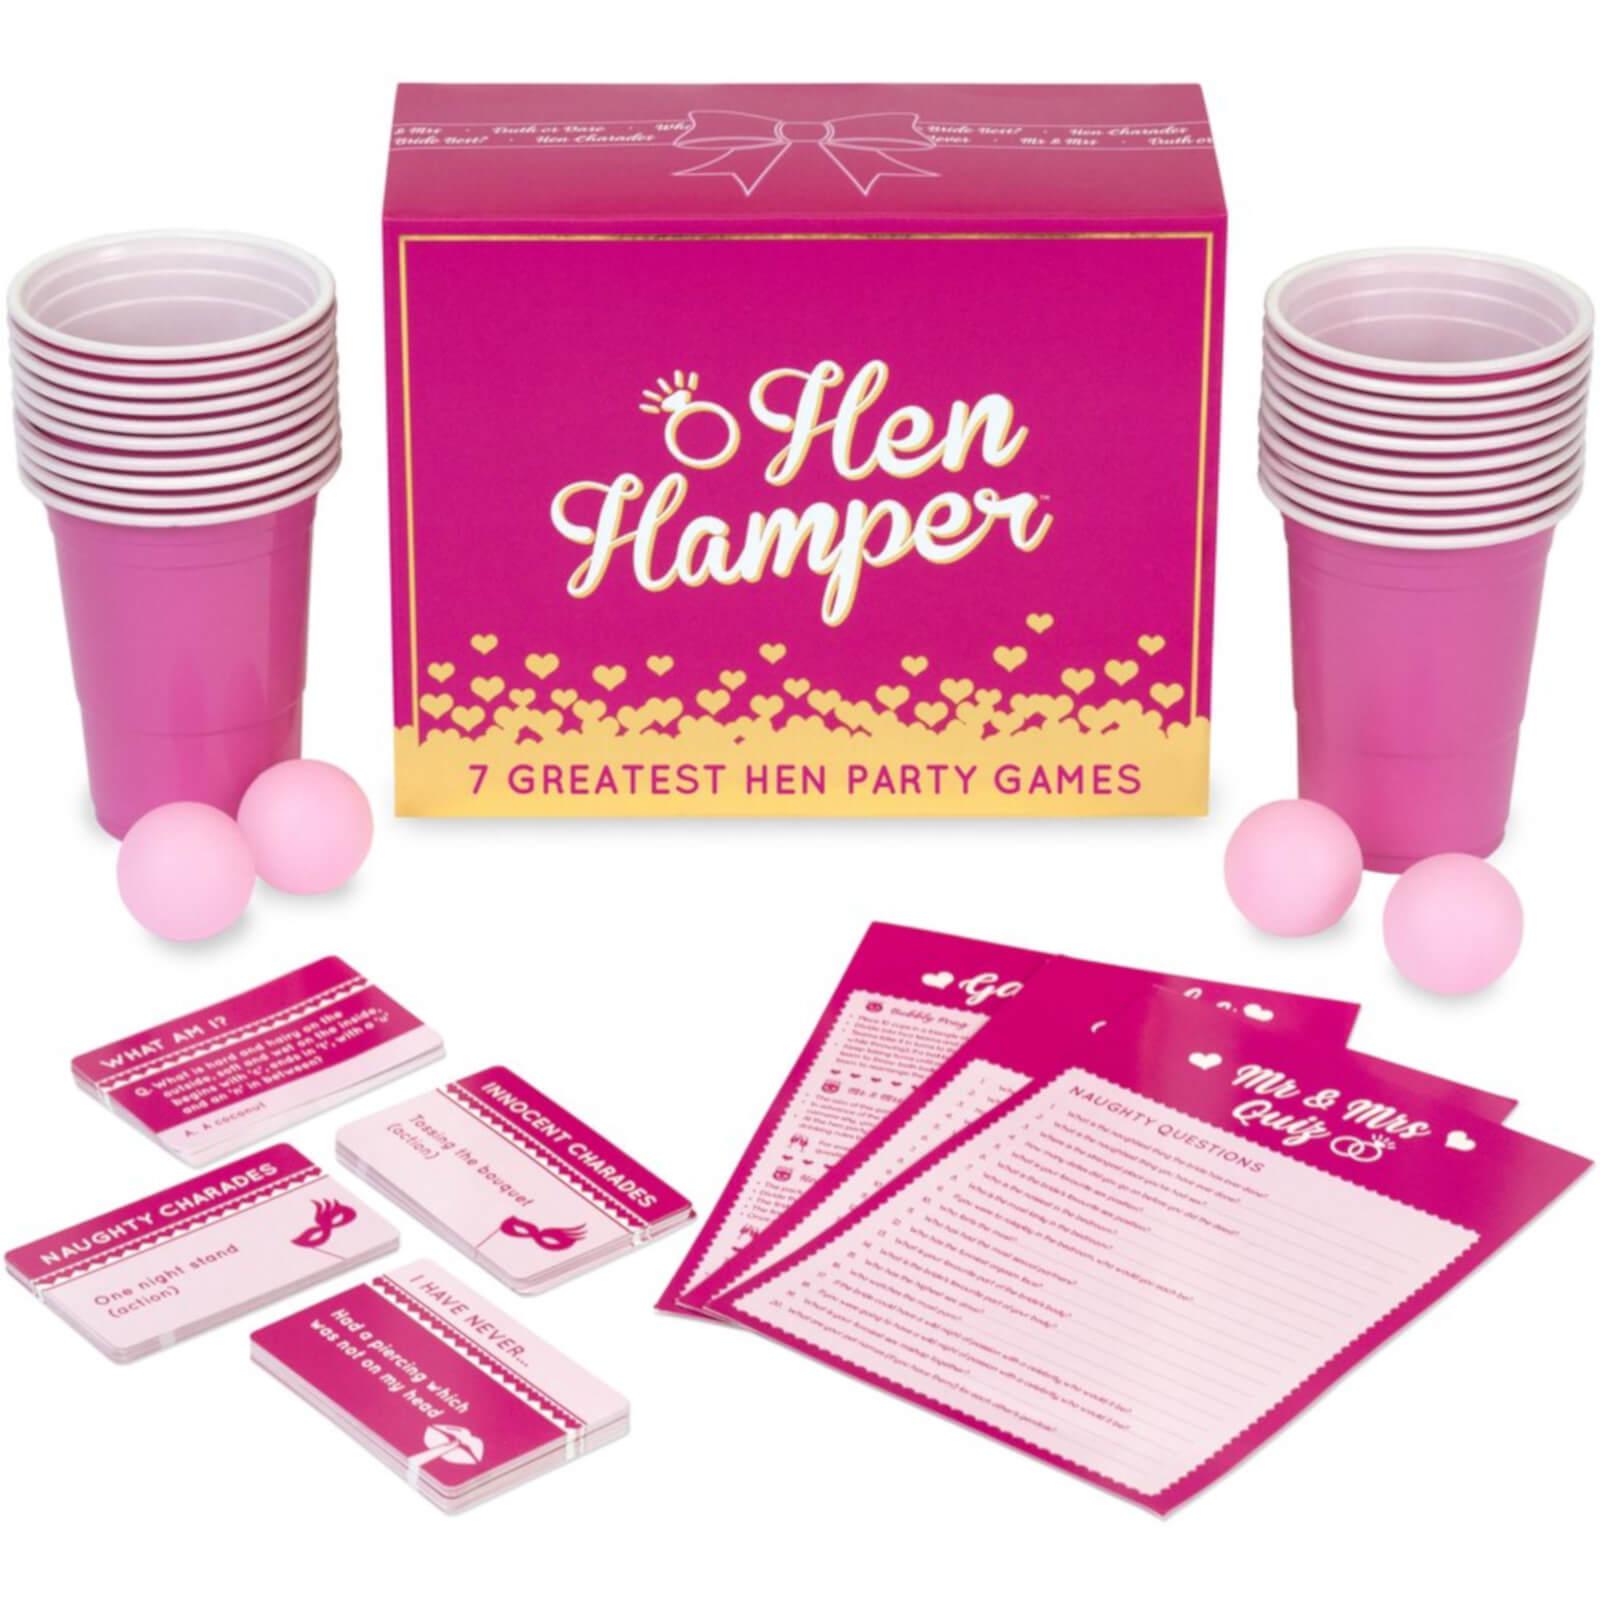 Hen Hamper 7 Greatest Hen Party Games